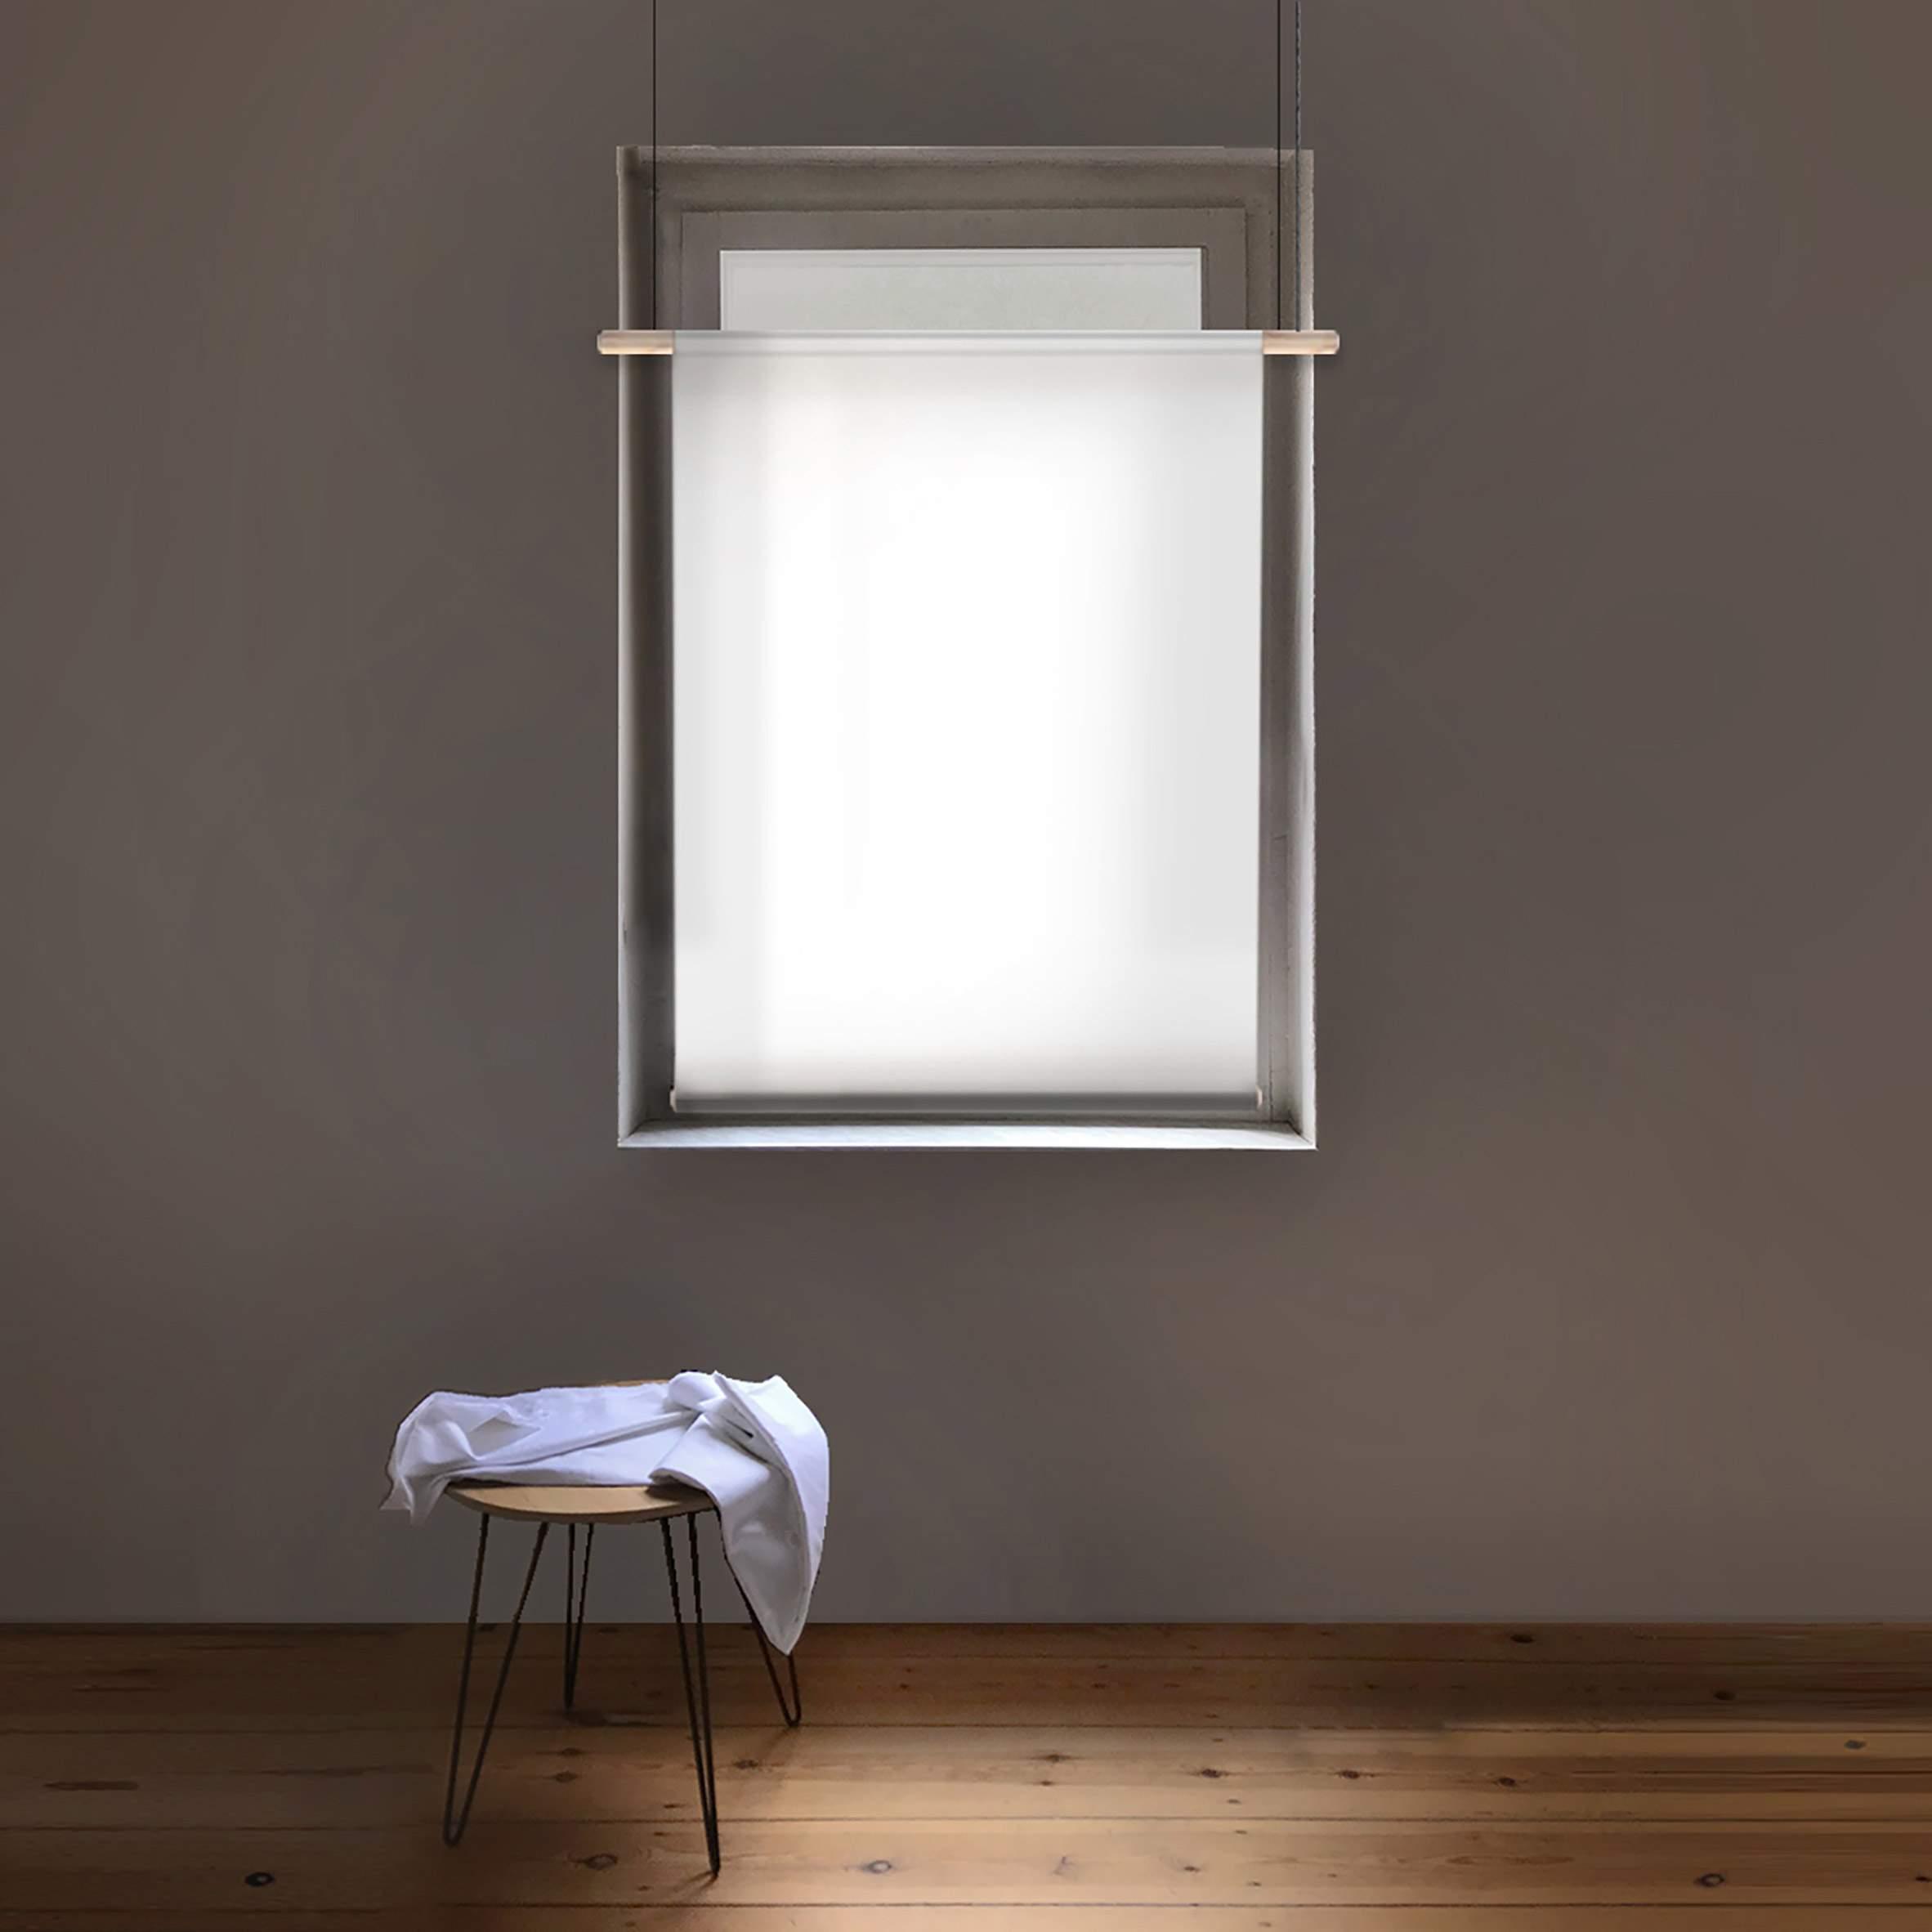 Новітні технології збільшують кількість світла з вікна